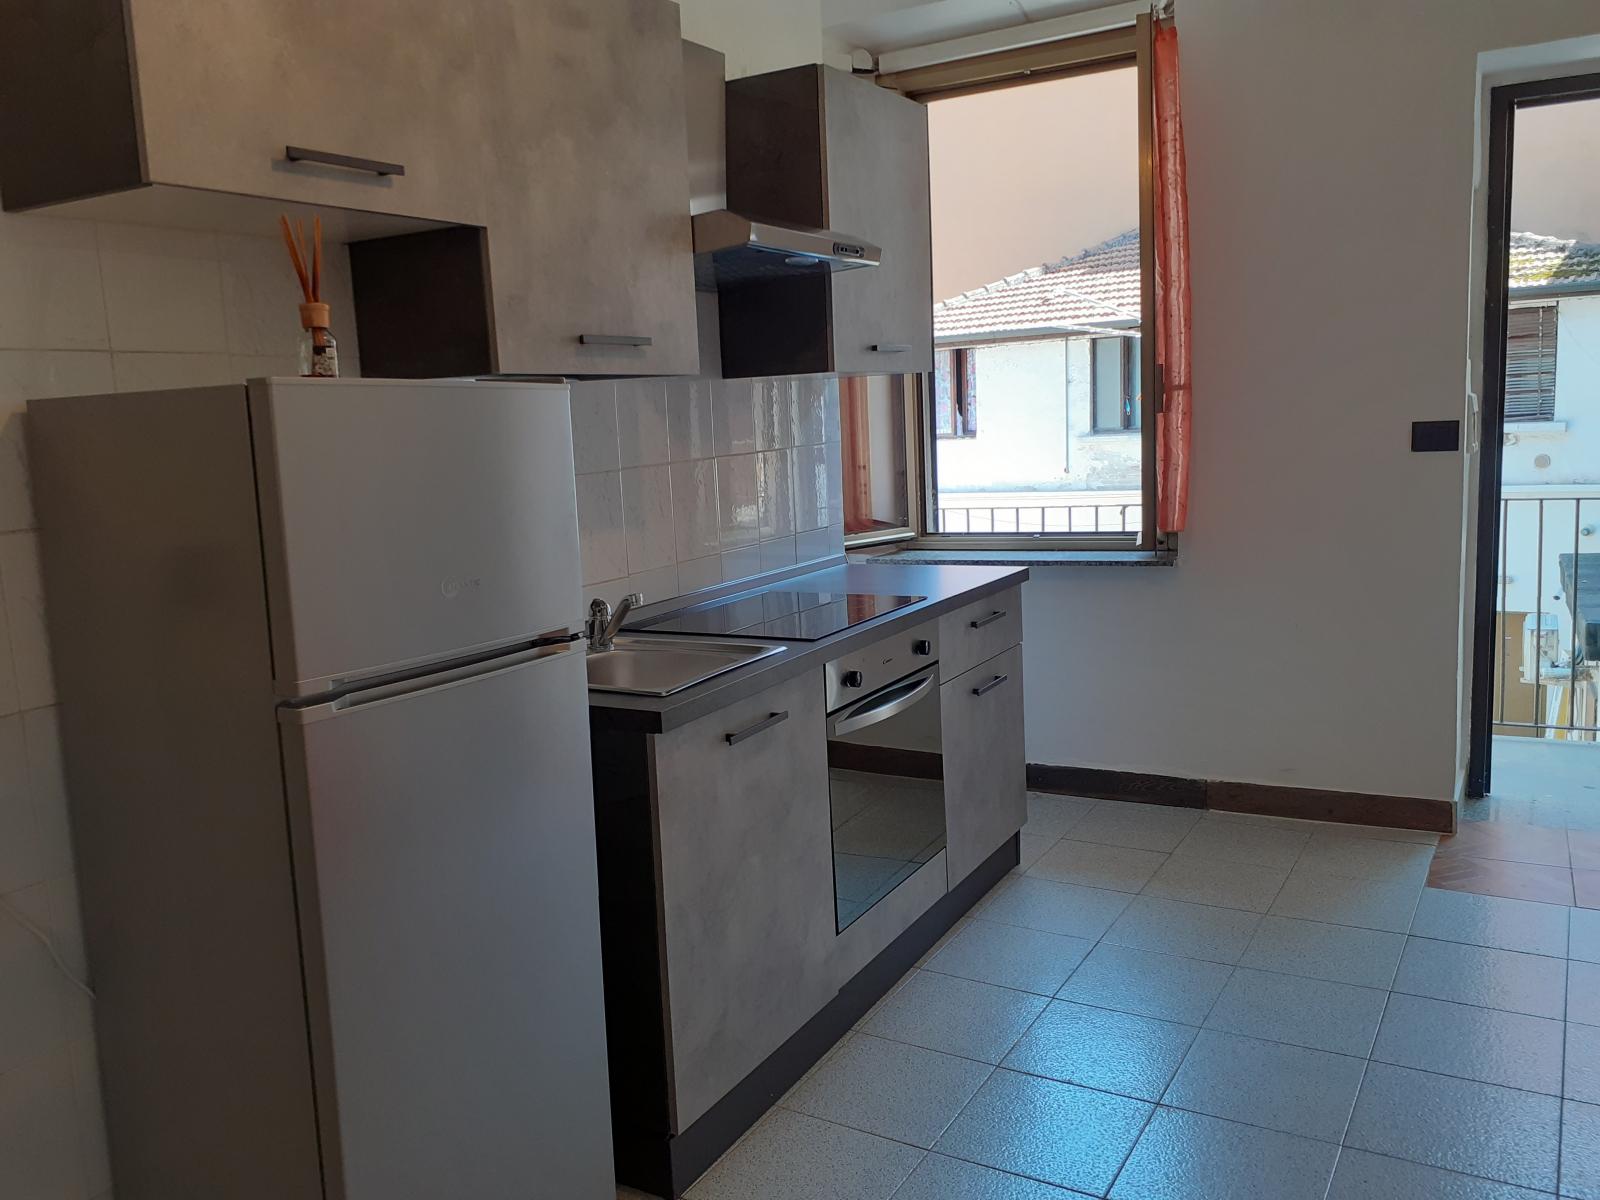 appartamento-in-vendita-a-baggio-milano-monolocale-65.000-euro-spaziourbano-immobiliare-vende-4